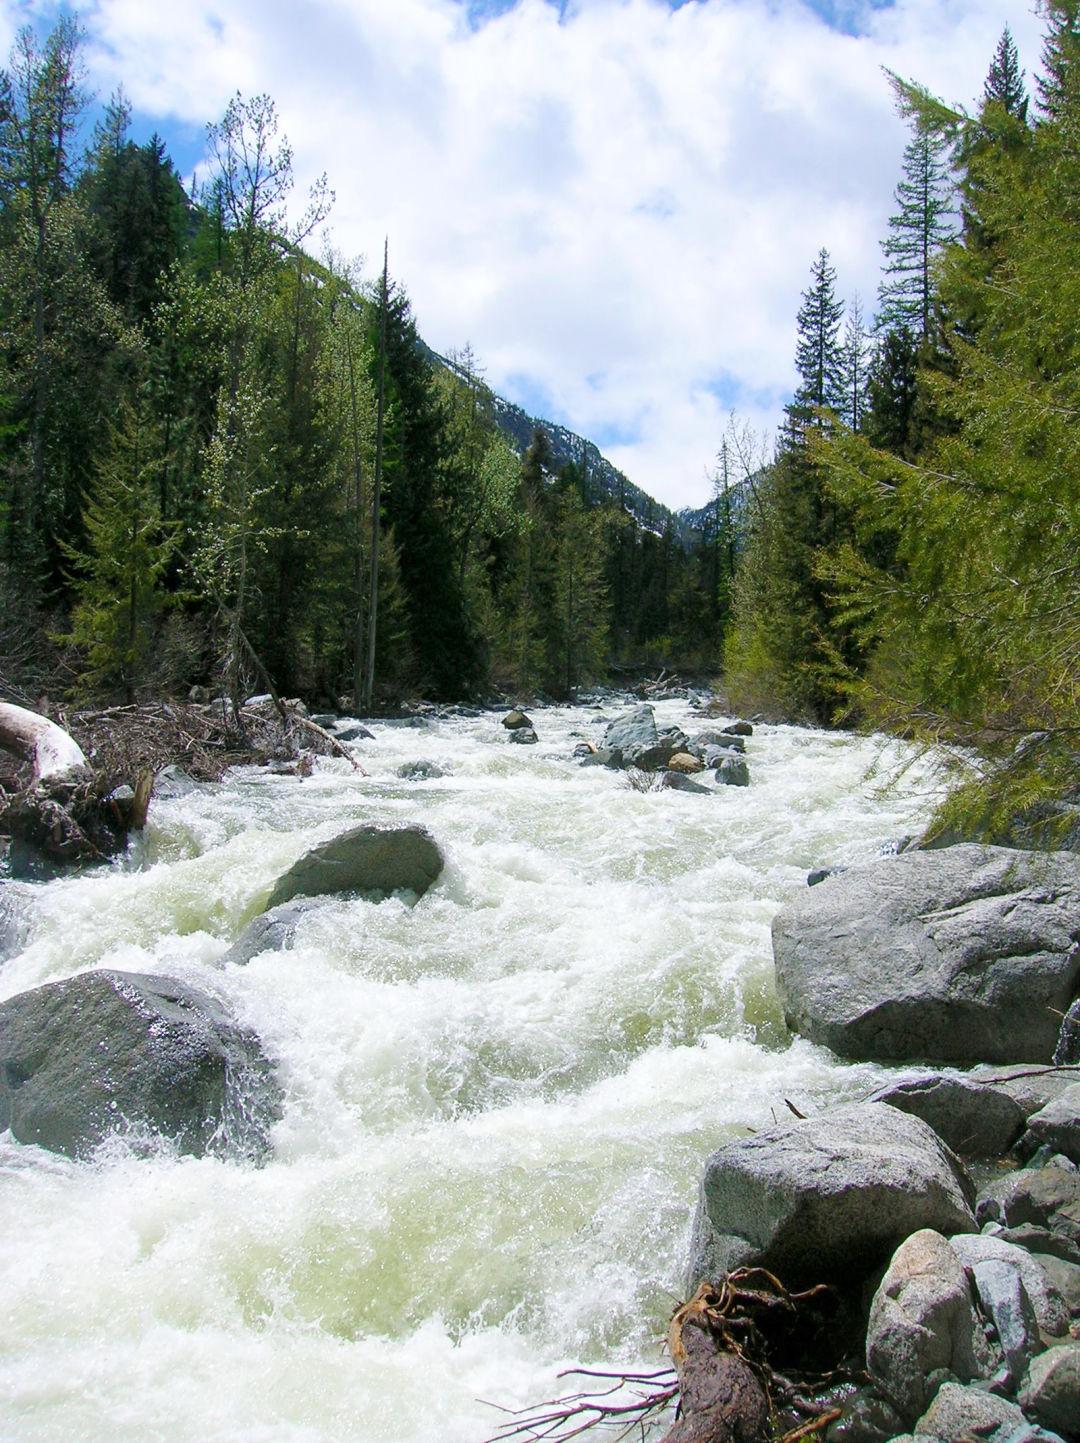 Ingalls creek yibnk3